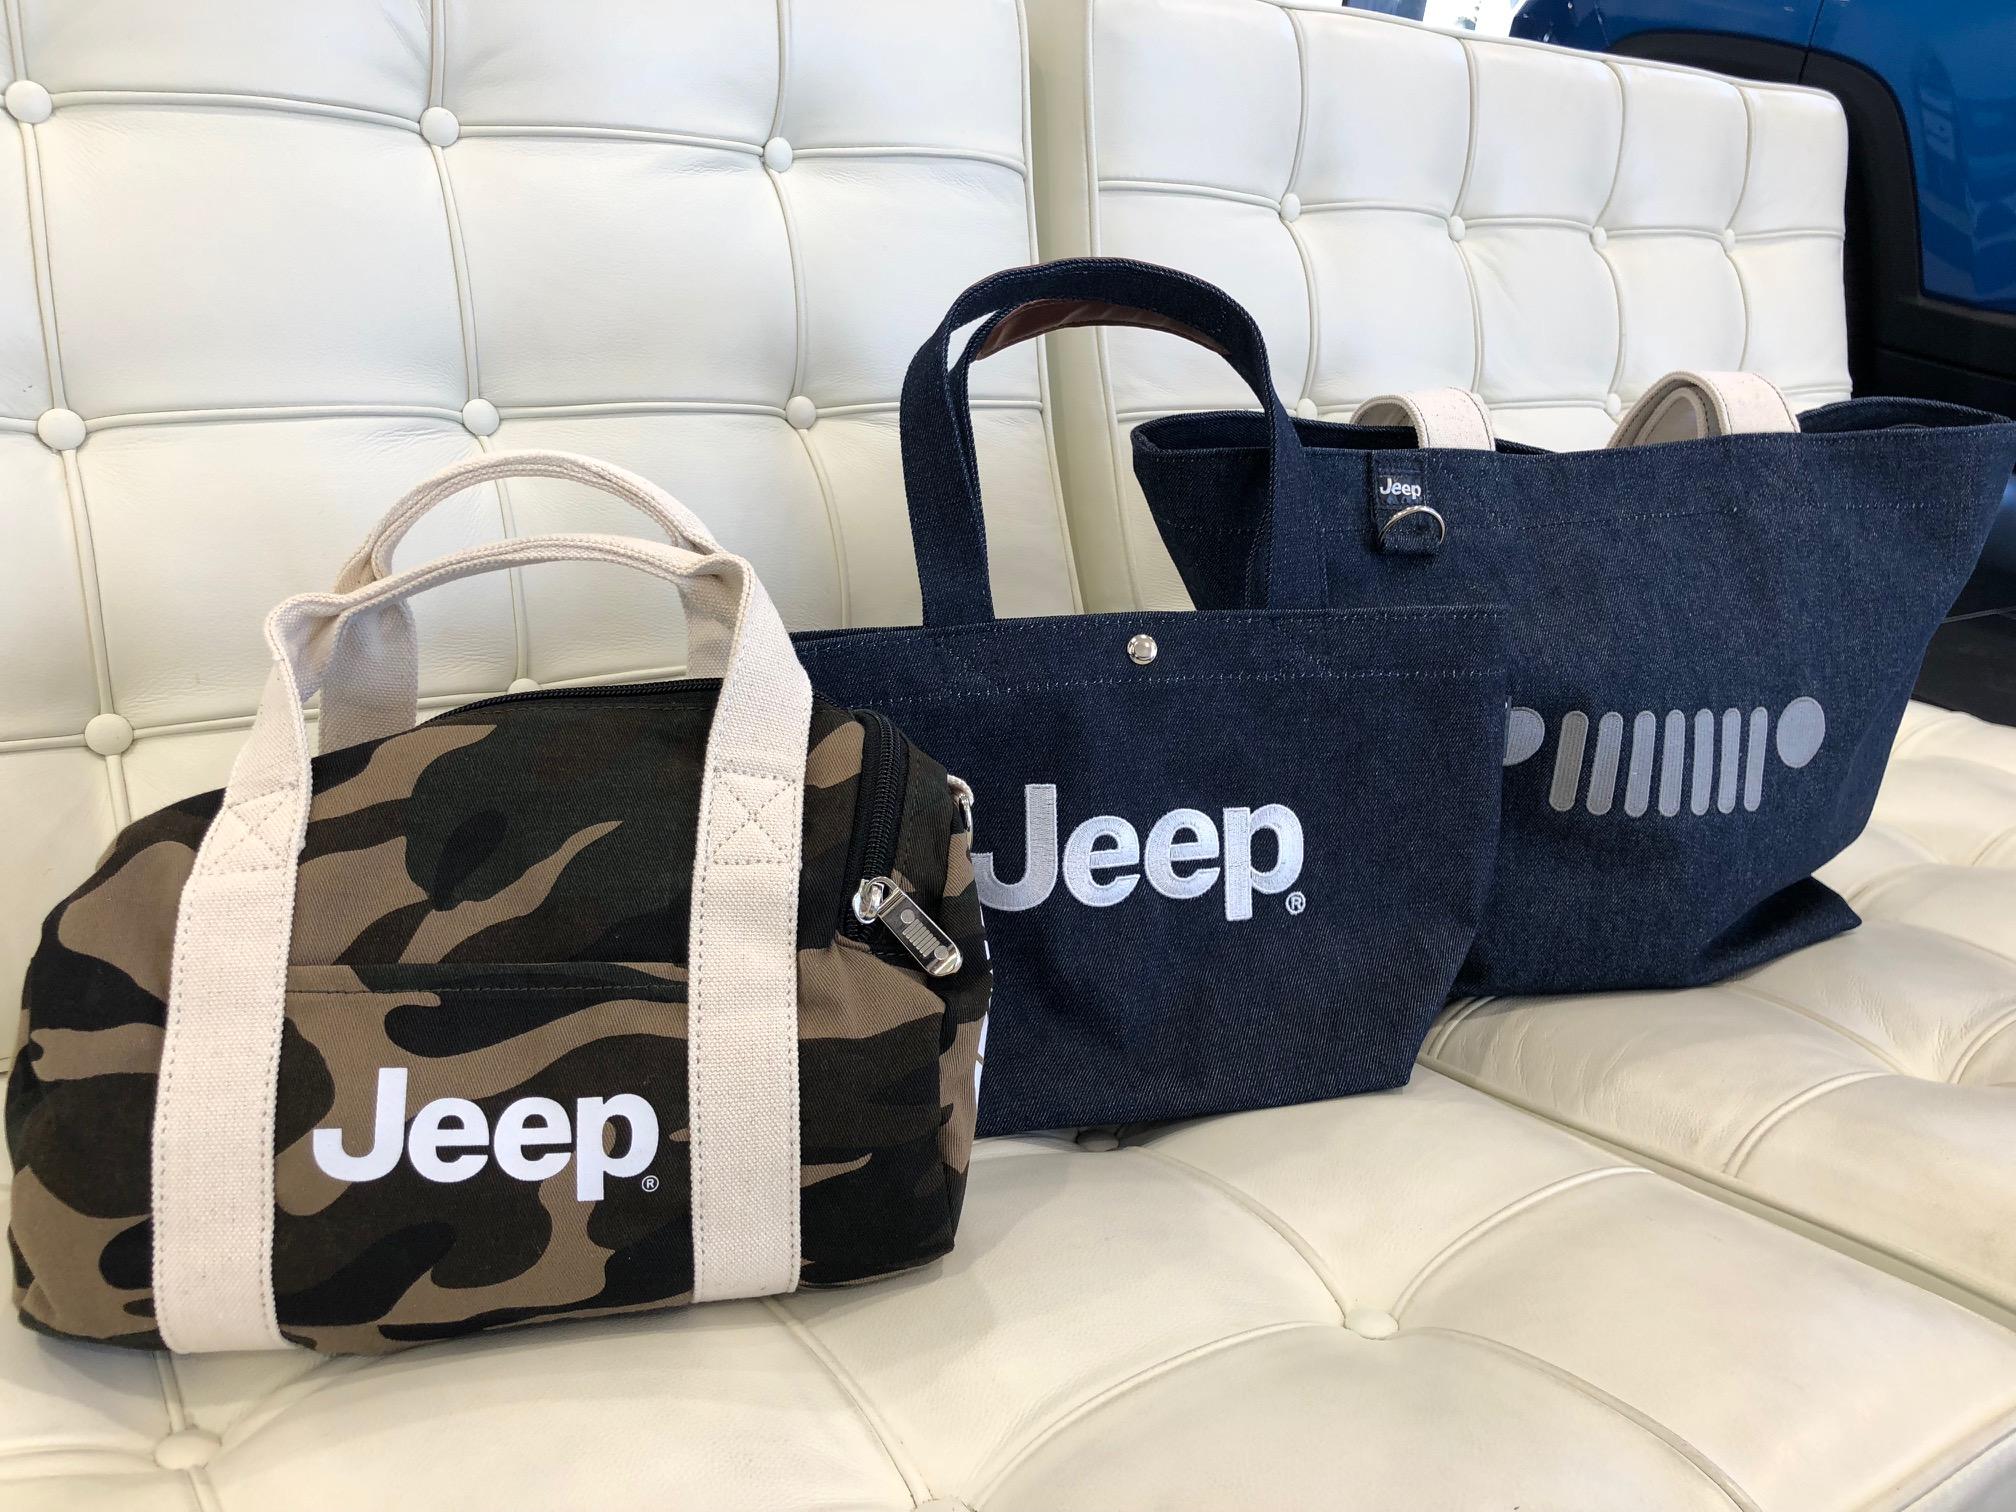 Jeepマイクロミニボストンバッグ/Jeepデニムランチトートバッグ/JeepセブンスロットデニムトートバッグⅢ